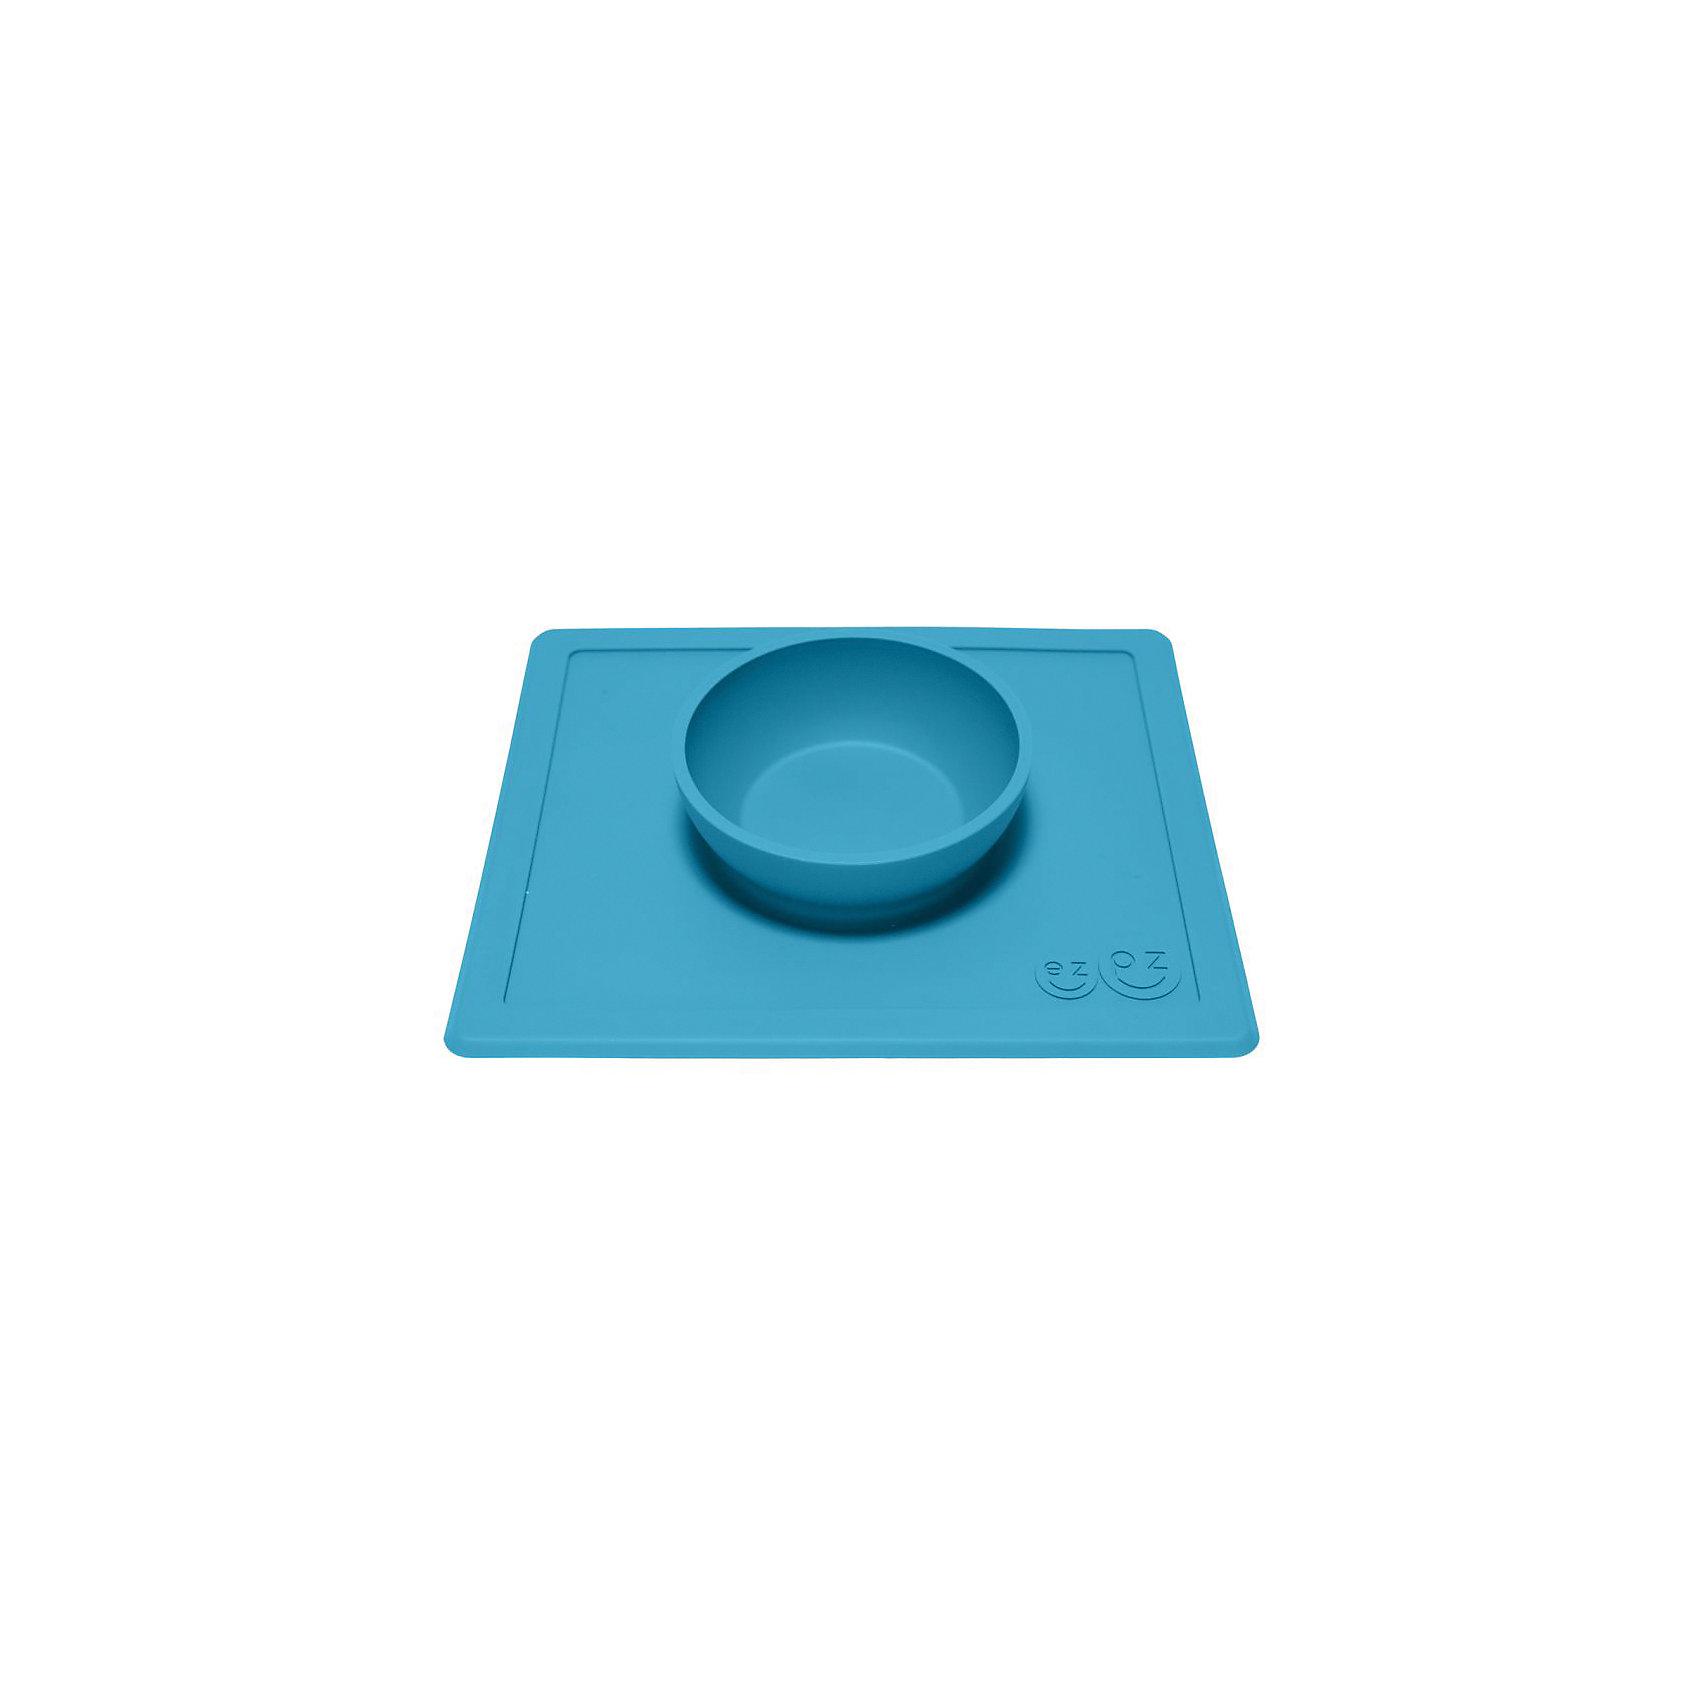 Тарелка глубокая с подставкой Happy Bowl, 240 мл., ezpz, синийПосуда для малышей<br>Тарелка с подставкой Happy Bowl, ezpz, синий.<br><br>Характеристики:<br>• изготовлена из качественного пищевого силикона<br>• не содержит бисфенол, свинец, фталаты и ПВХ<br>• надежно прикрепляется к столу<br>• не имеет присосок<br>• сгибается по краям<br>• подходит для использования в посудомоечной машине и микроволновой печи<br>• состав: 100% силикон<br>• размер: 26,5х22,5х3,5 см<br>• объем: 240 мл<br>• цвет: синий<br><br>Тарелка с подставкой Happy Bowl, ezpz отлично подойдет для детей, которые только учатся есть аккуратно. Вы можете налить ребенку суп в чашу и не бояться, что малыш прольет его, ведь тарелка надежно крепится к столу за счет своего веса. По краям мата вы сможете положить хлеб, чашку или столовые приборы. Тарелку можно греть в микроволновой печи и мыть в посудомоечной машине, что еще больше облегчает ее использование. <br><br>Тарелку с подставкой Happy Bowl, ezpz, синий можно приобрести в нашем интернет-магазине.<br><br>Ширина мм: 260<br>Глубина мм: 35<br>Высота мм: 225<br>Вес г: 460<br>Возраст от месяцев: 0<br>Возраст до месяцев: 36<br>Пол: Унисекс<br>Возраст: Детский<br>SKU: 5068706